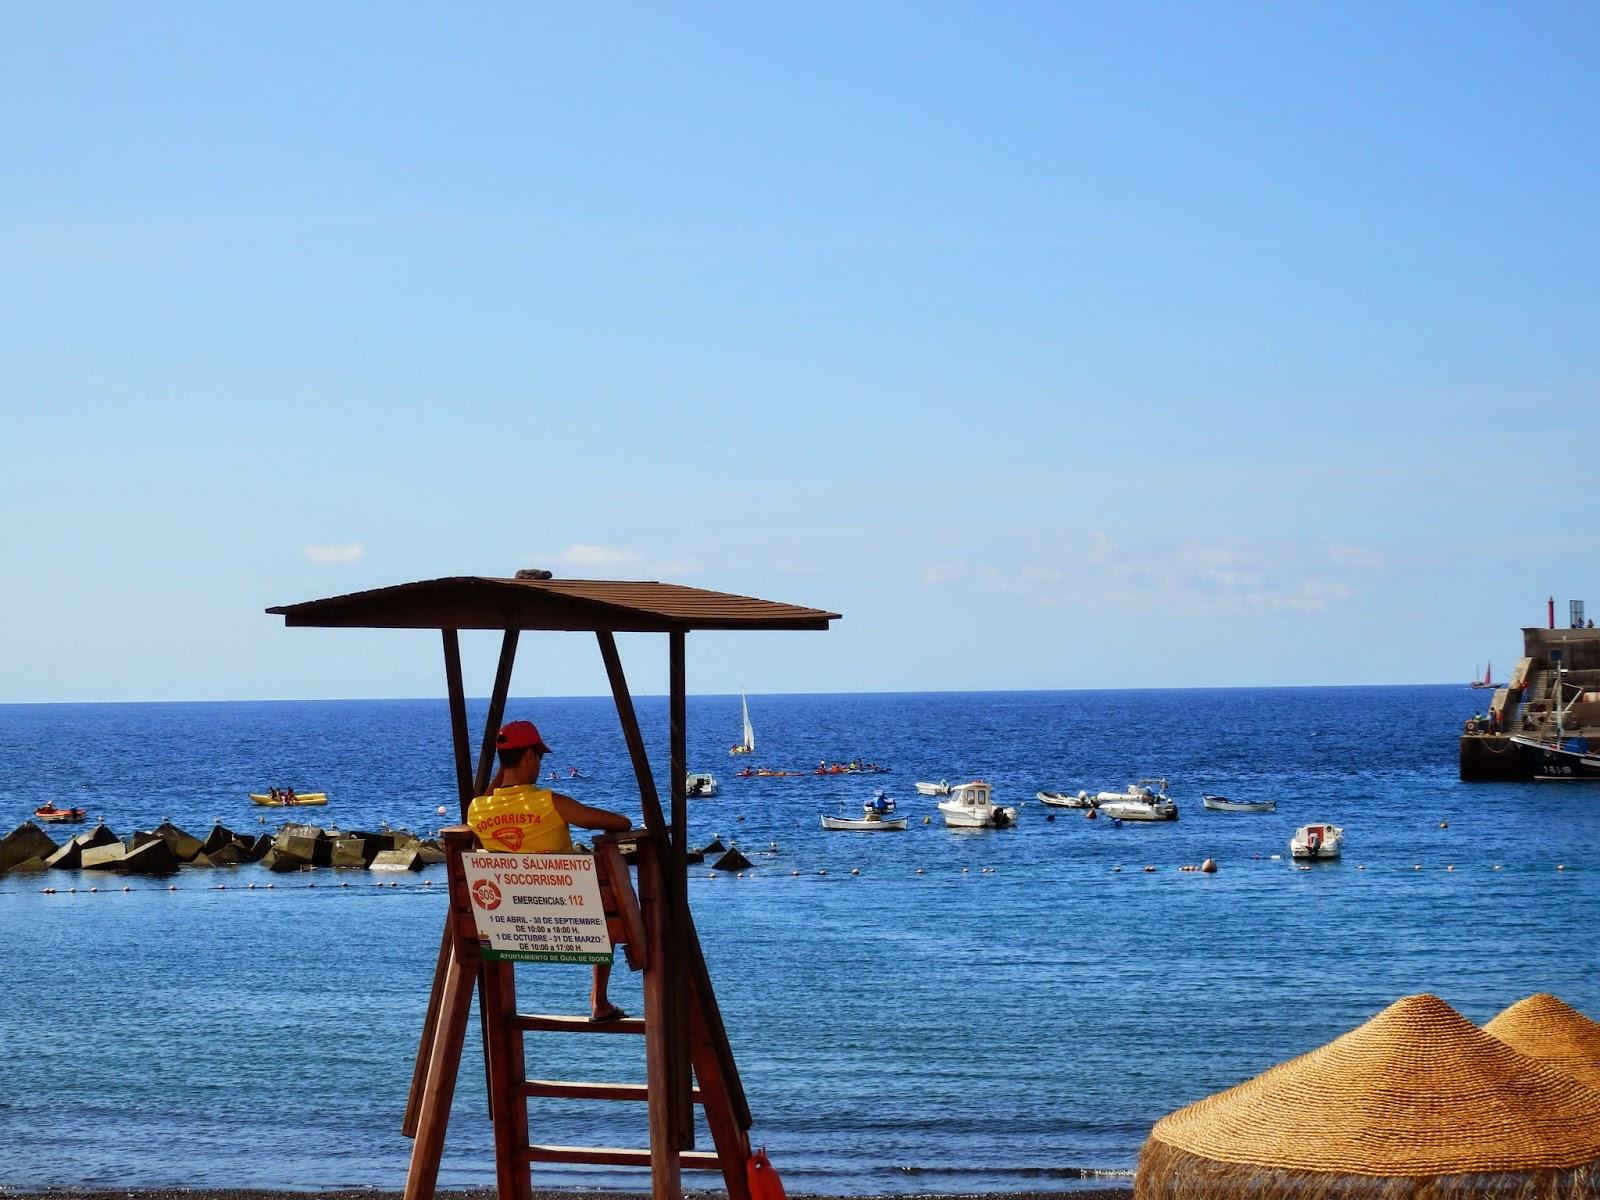 Lifeguard Tenerife